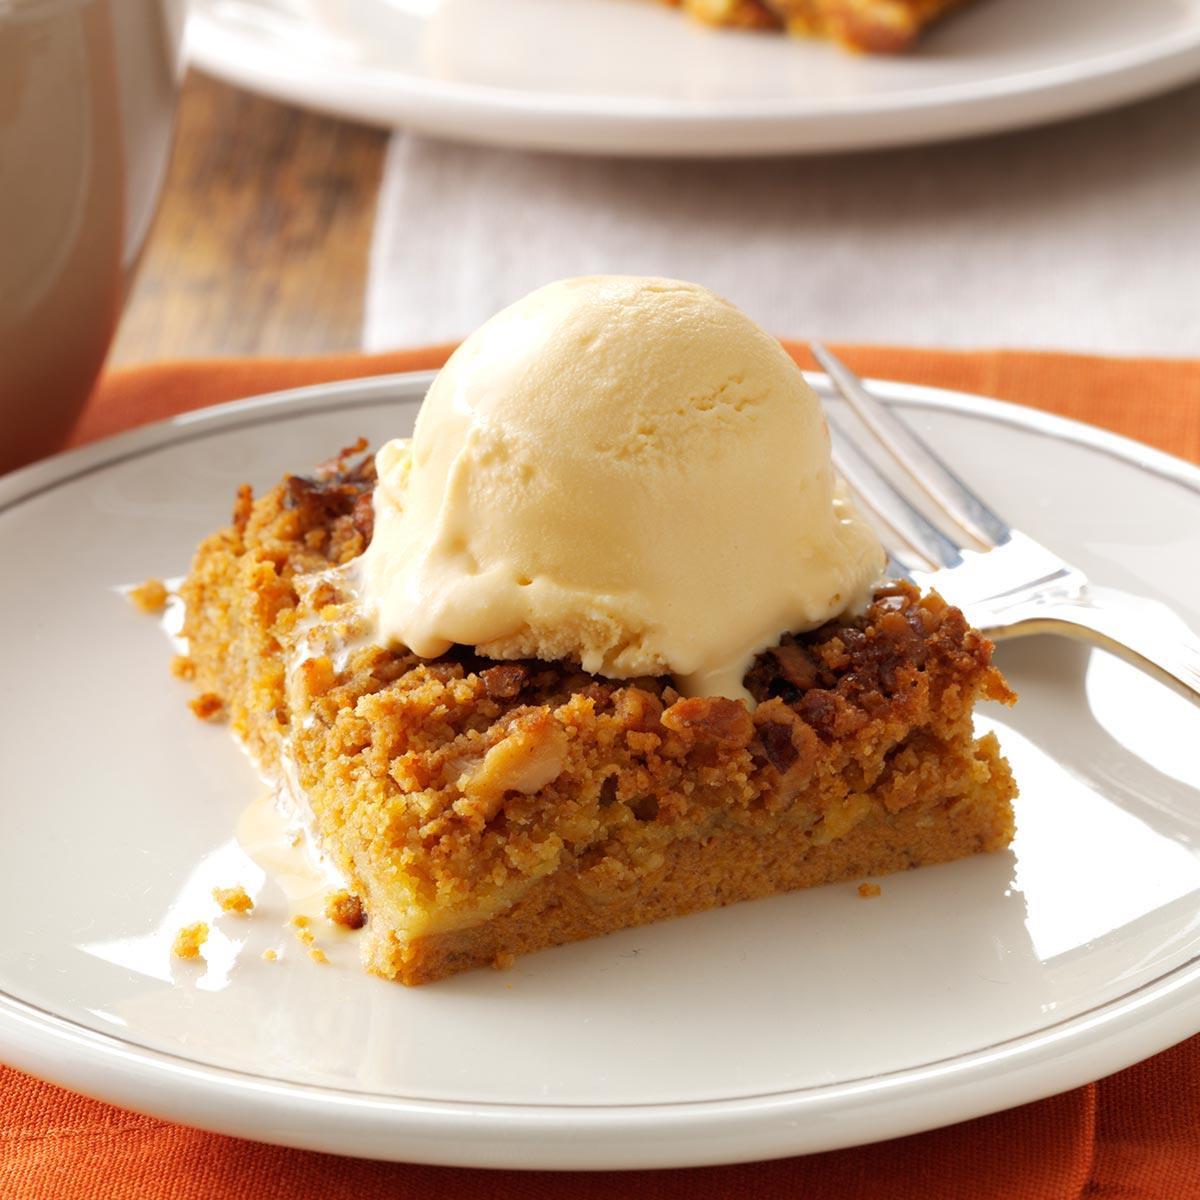 Pumpkin Dessert Recipes Easy  Great Pumpkin Dessert Recipe